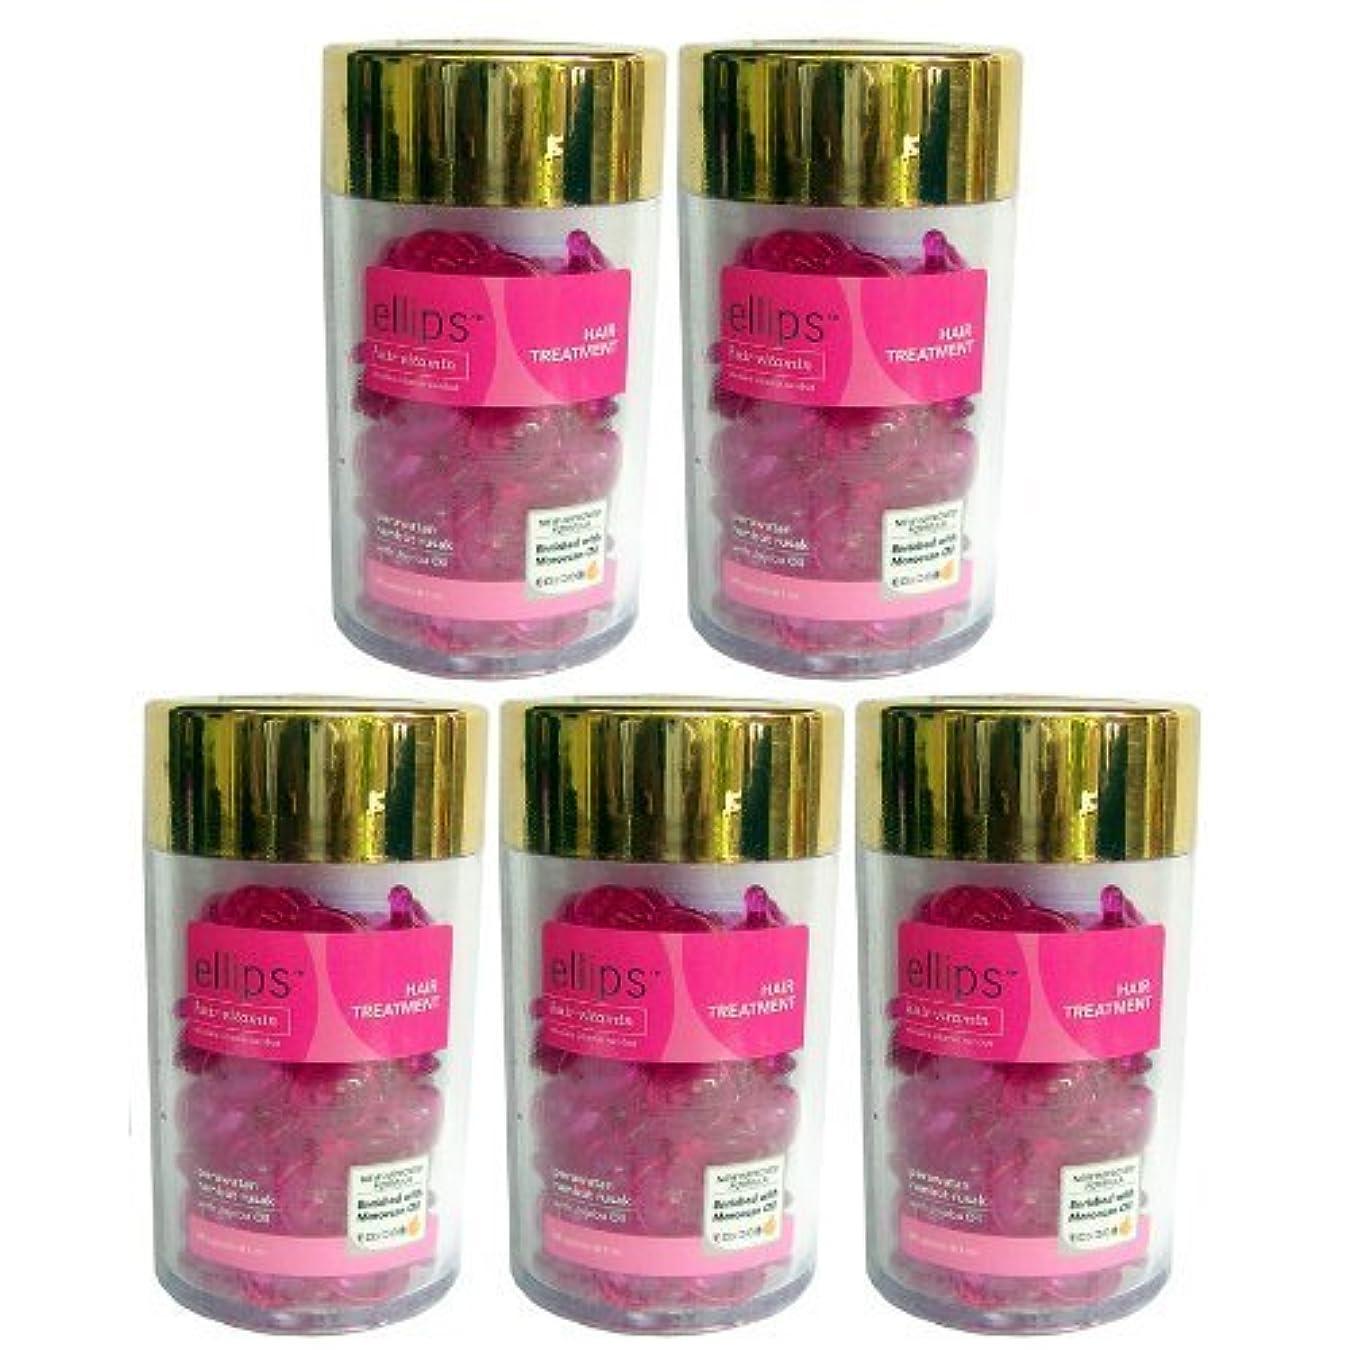 め言葉くロータリーエリップス ellips ヘアビタミン洗い流さないヘアトリートメント(並行輸入品) (ピンク5本)